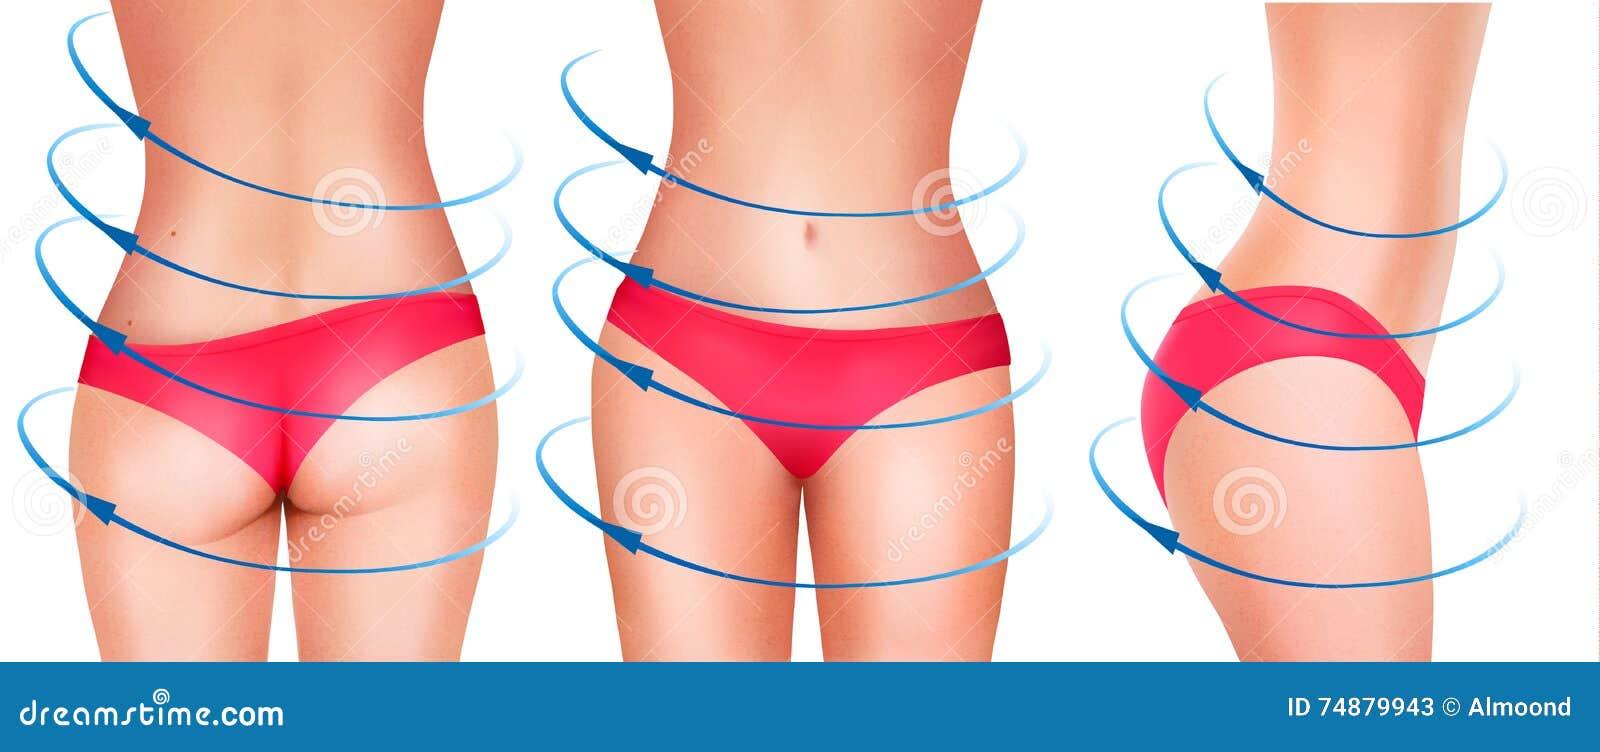 Fit female body in underwear.